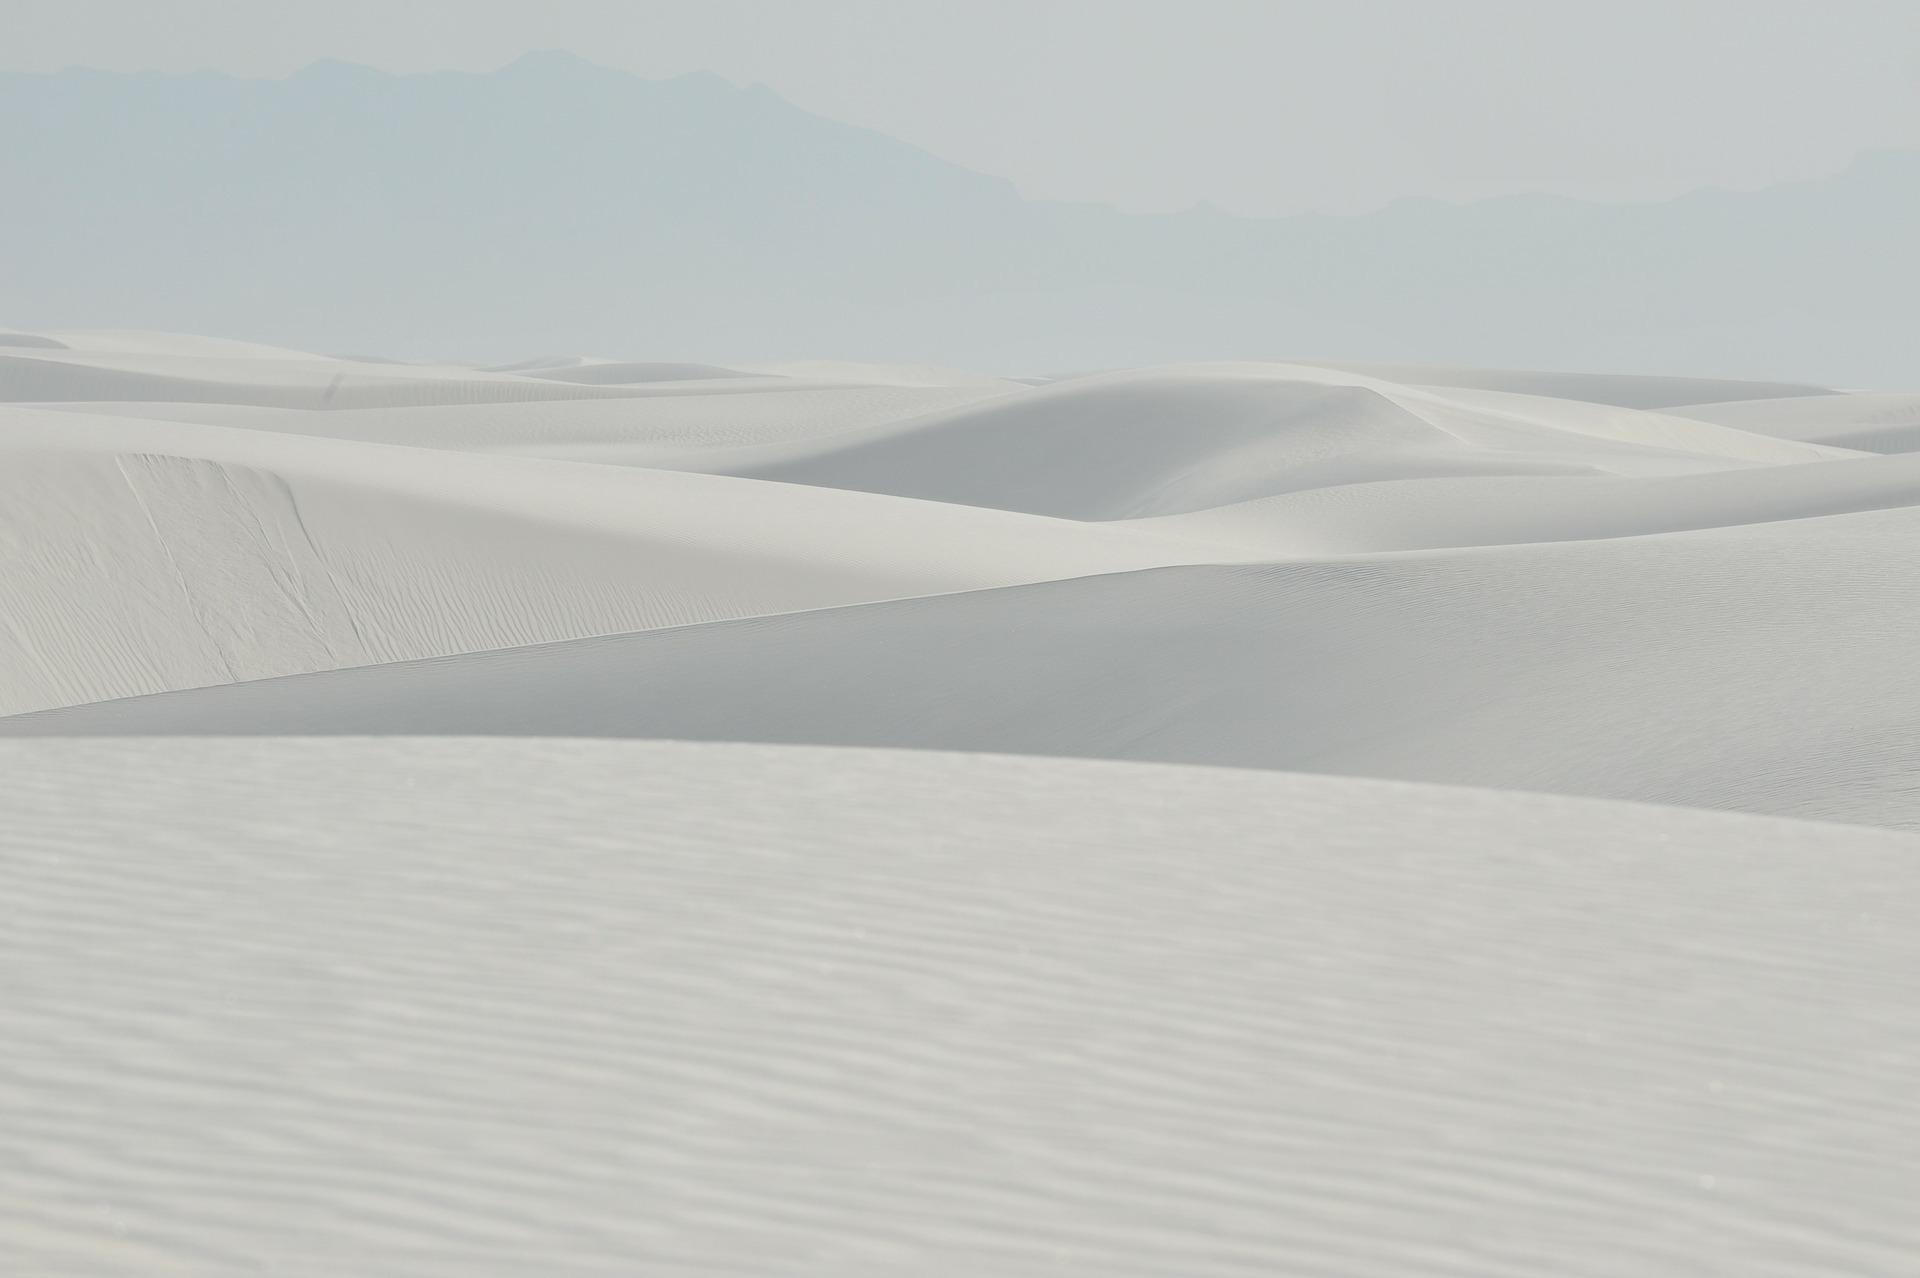 真っ白な世界ホワイトサンズ国定公園夕日観賞と州都サンタフェ1泊2日